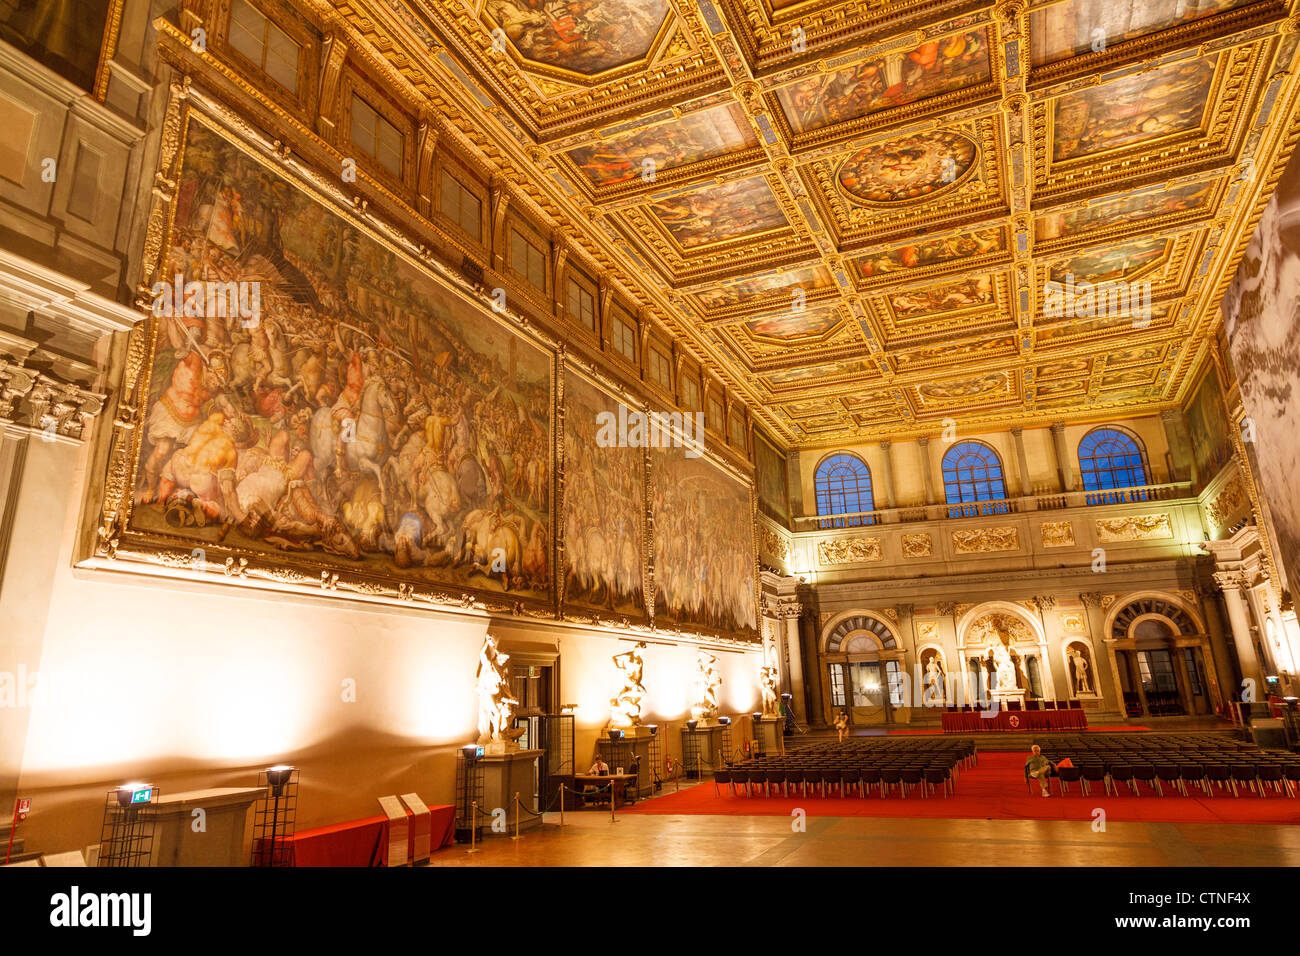 Salone dei cinquecento in palazzo vecchio florence stock for Salone mobile firenze